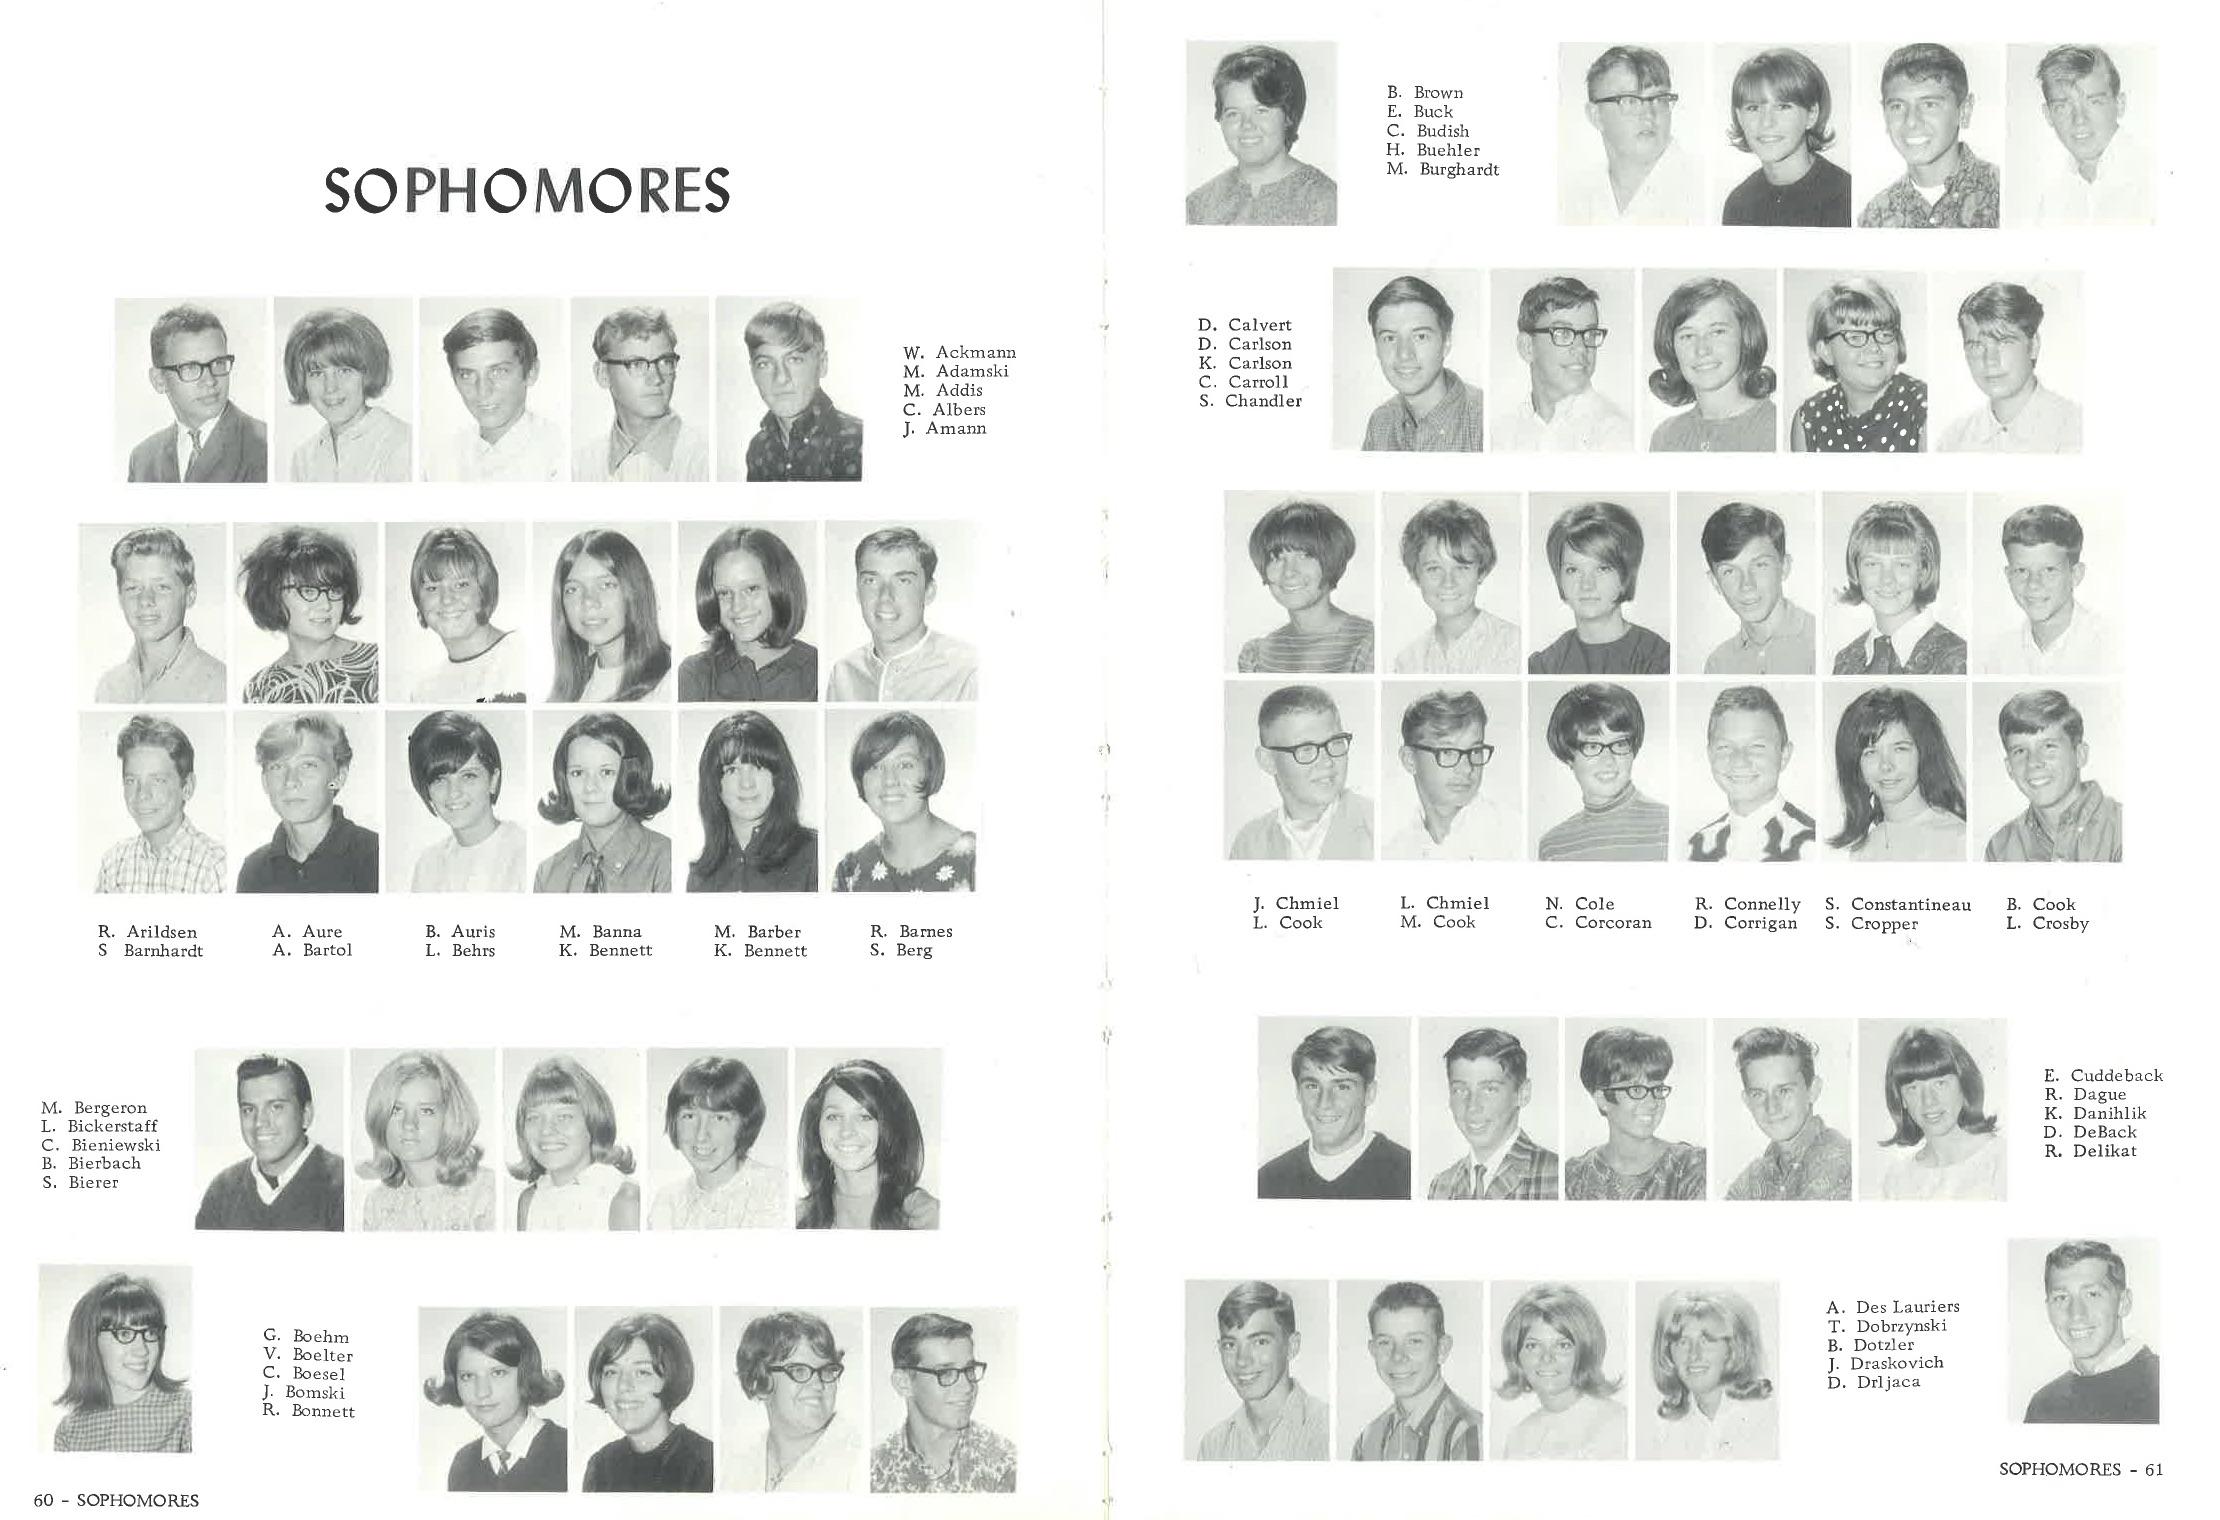 1968_Yearbook_31.jpg